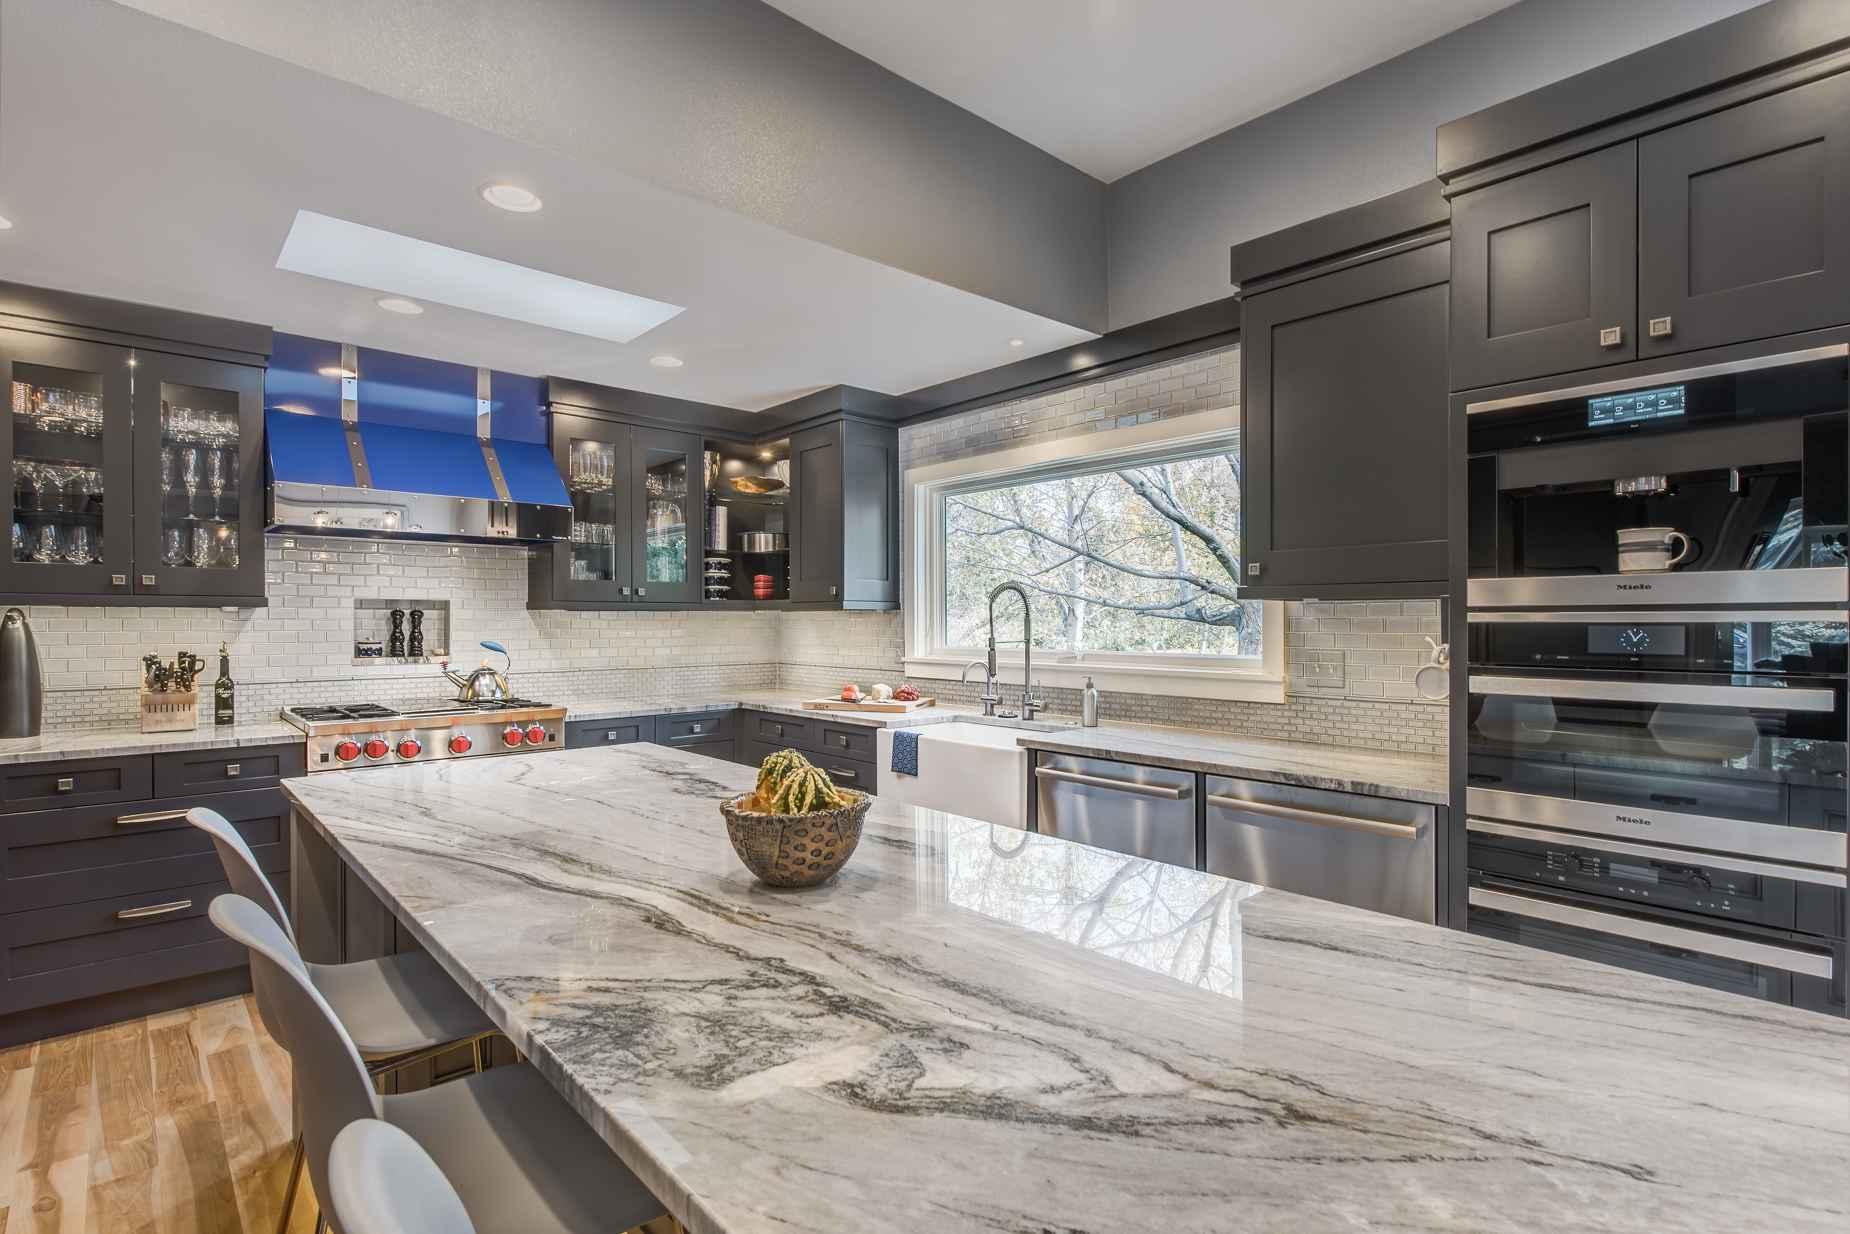 le domaine de chef — sanctuary kitchen and bath design-1.jpg